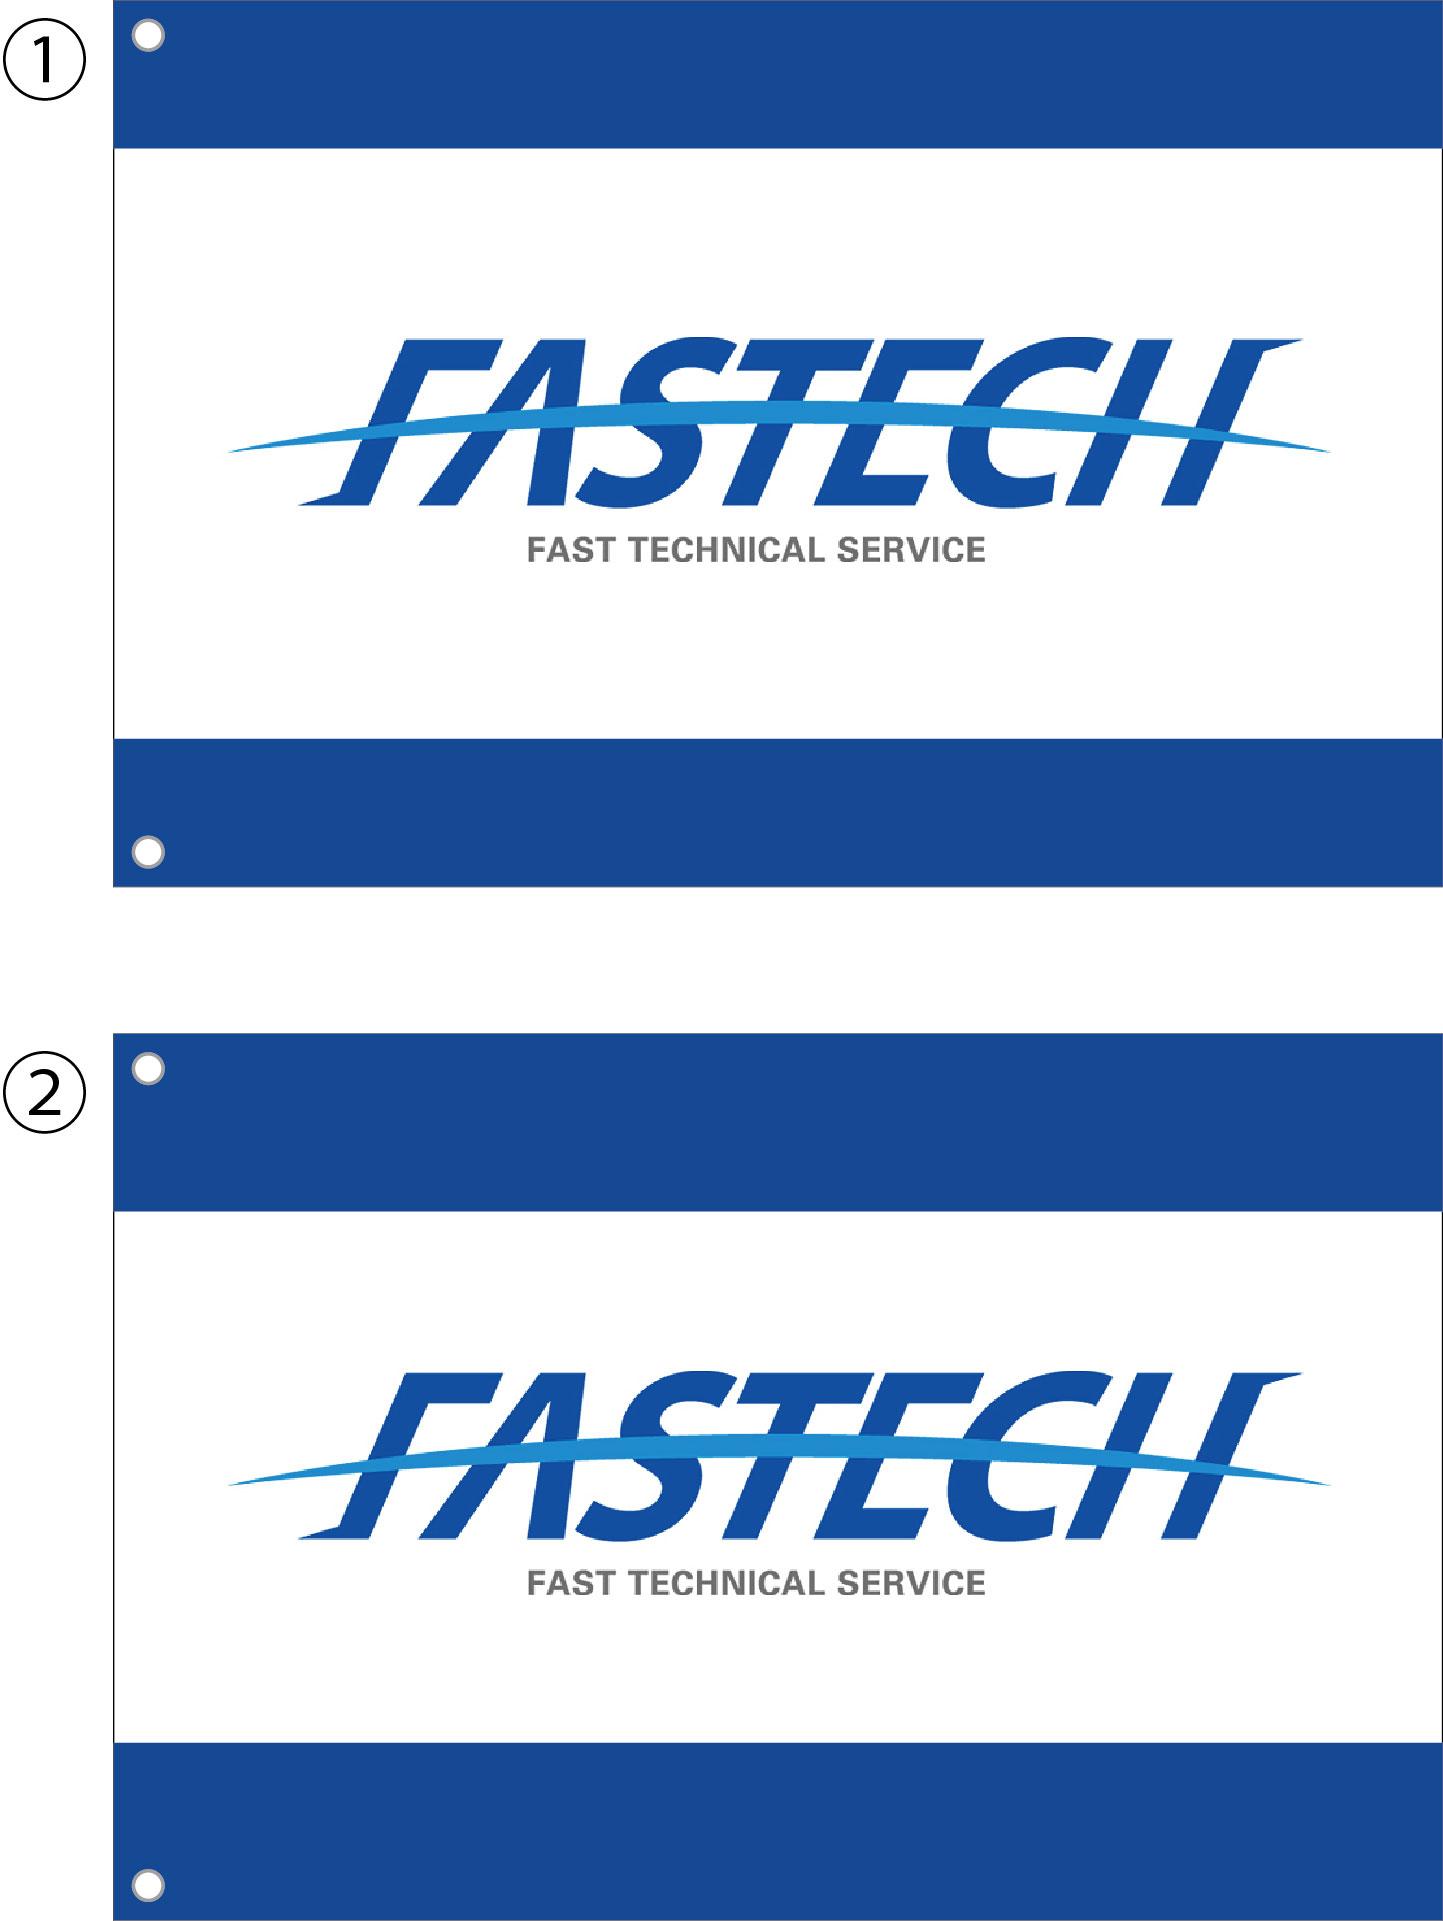 FASTECH 旗 修正原稿